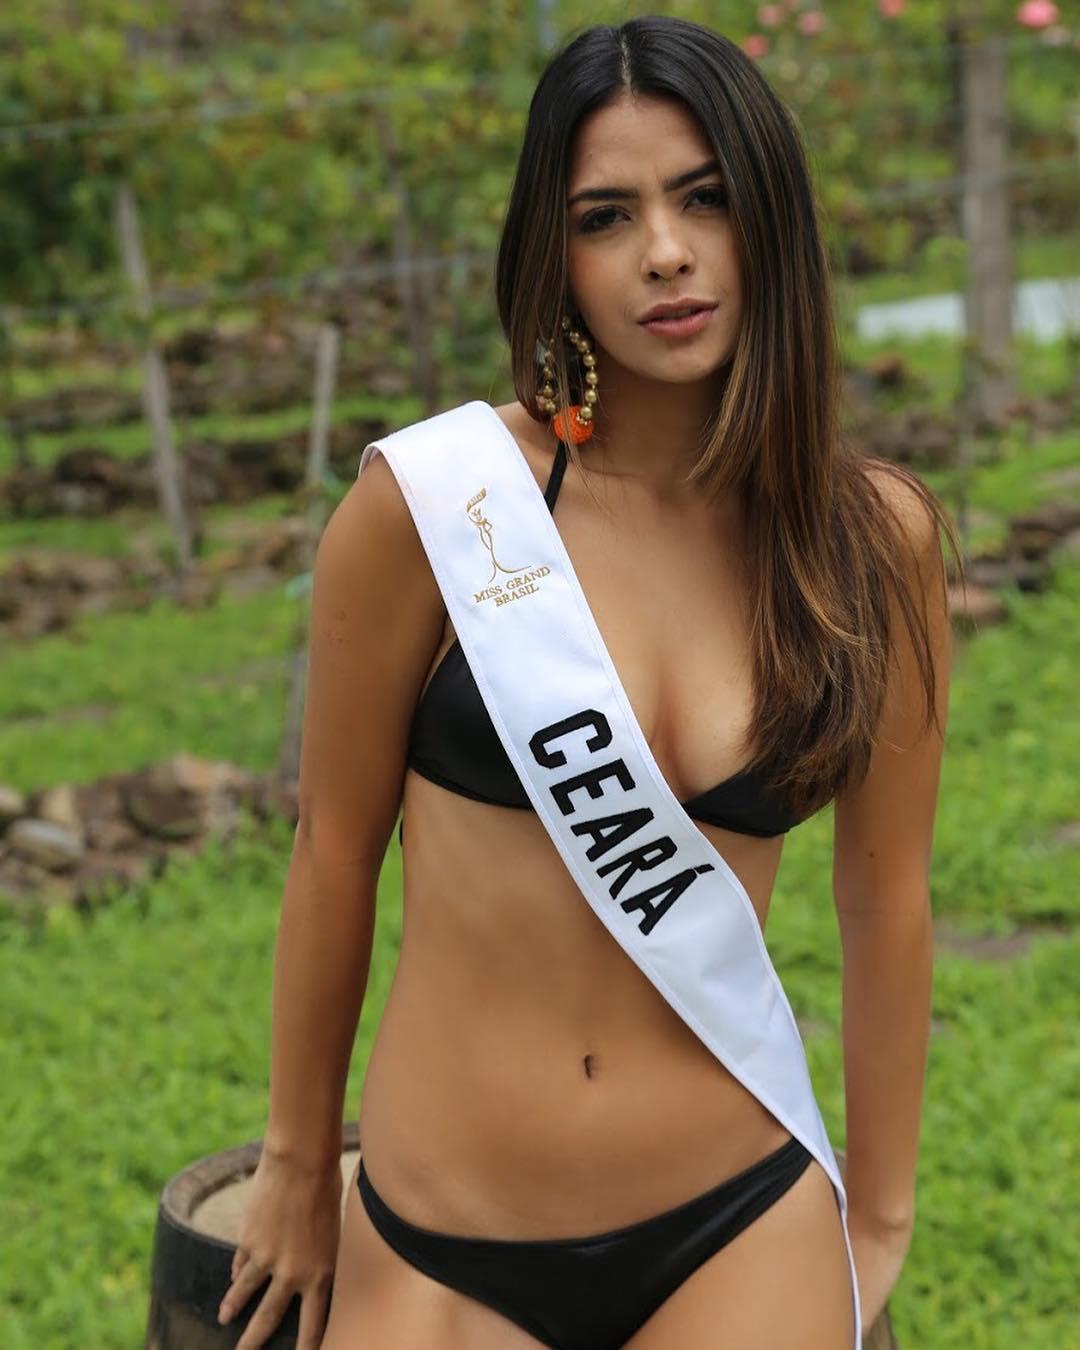 sao paulo vence miss grand brasil 2019. - Página 3 Ctqkj8w4